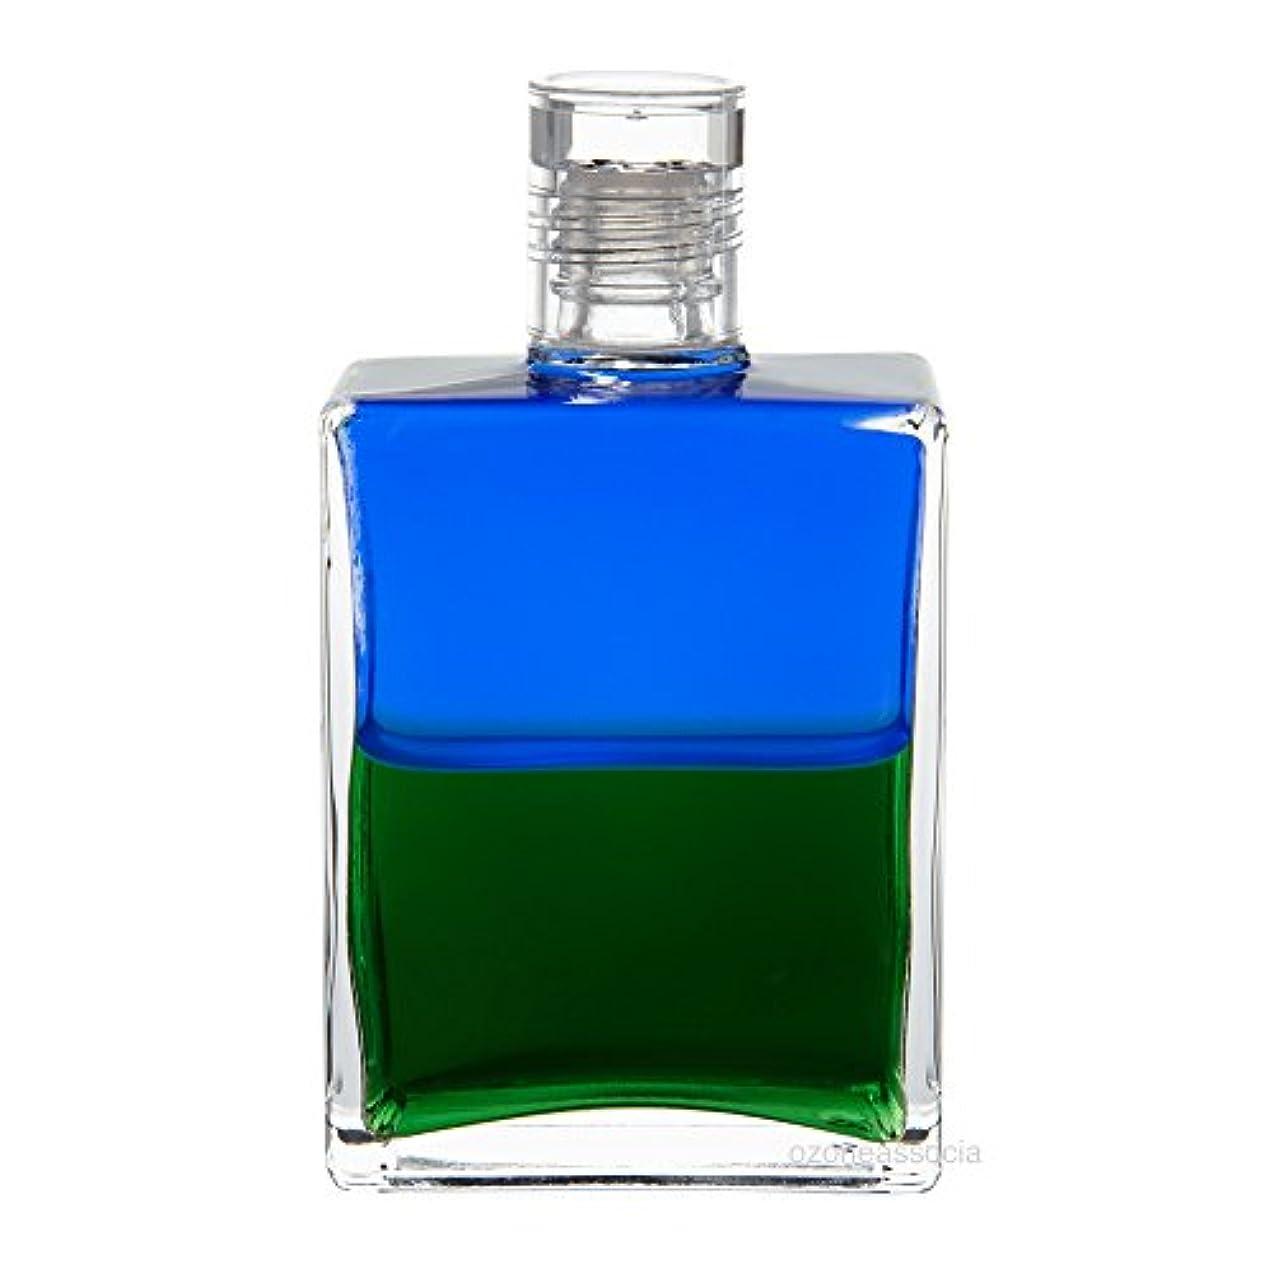 色ブローブルオーラソーマ ボトル 3番 ハートイクイリブリアムボトル/アトランティアンイクイリブリアムボトル (ブルー/グリーン) イクイリブリアムボトル50ml